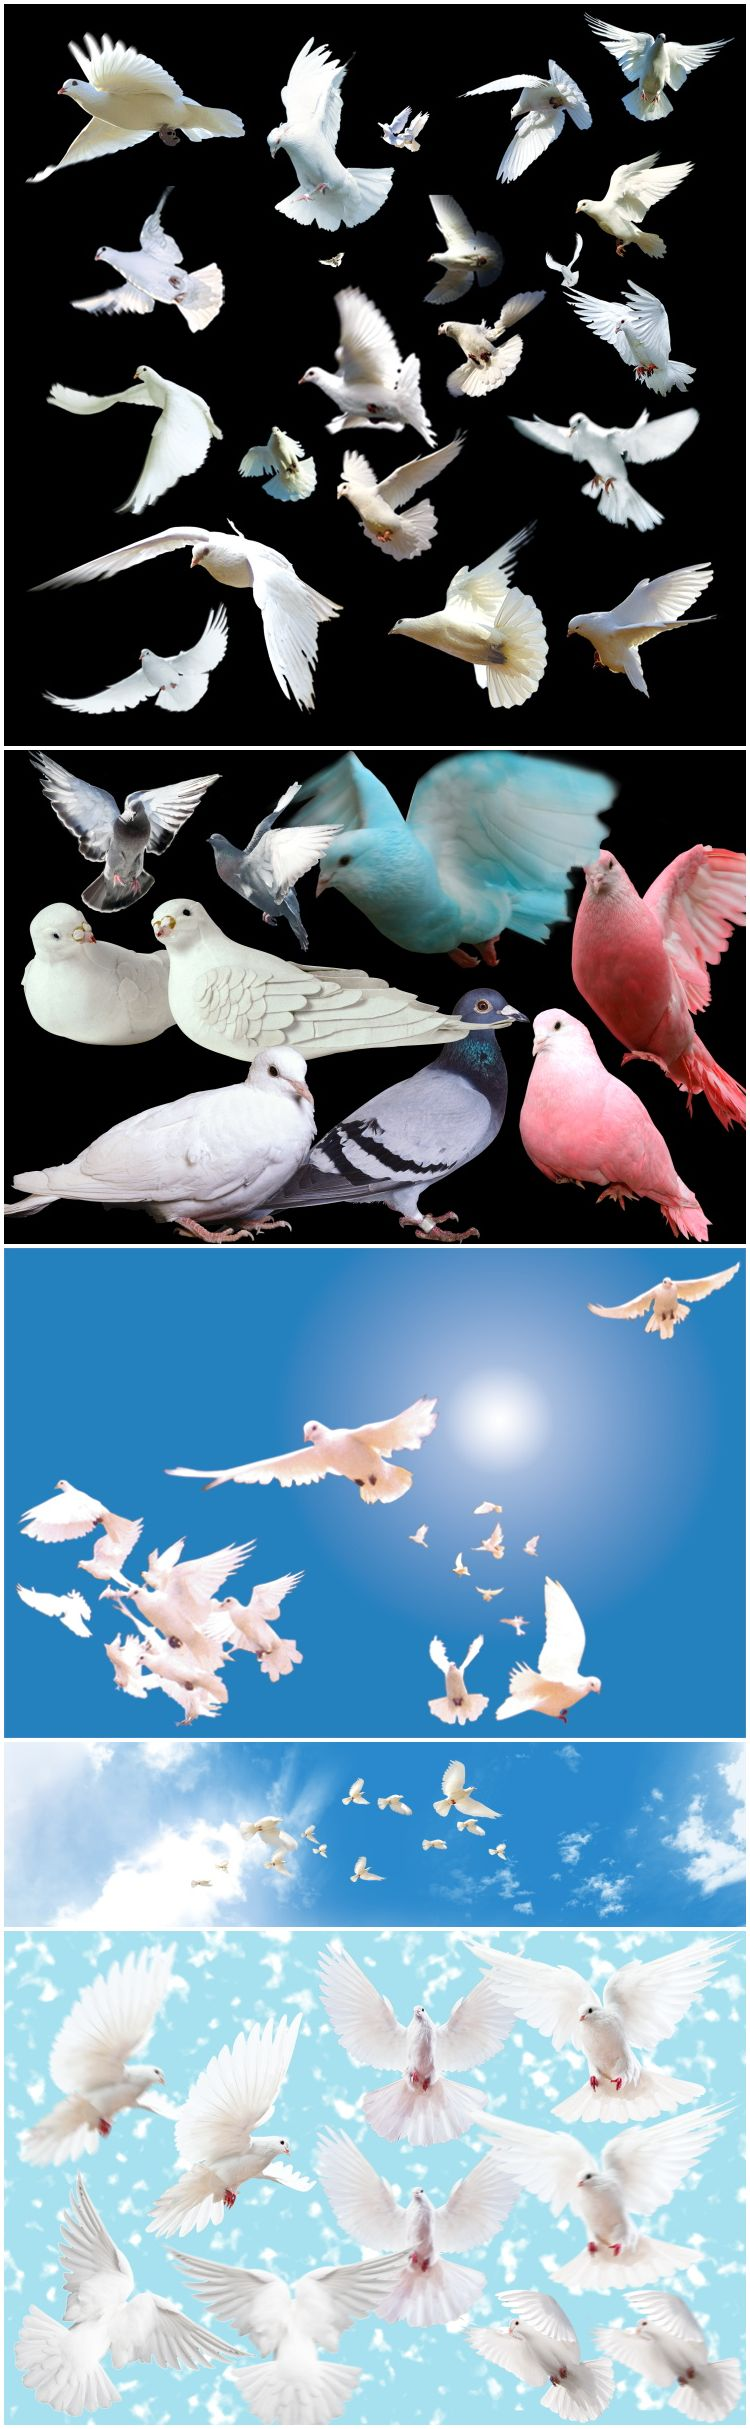 白鸽子飞鸟类灰鸽和平鸽PSDPNG免抠透明叠加合成素材后期修图修片